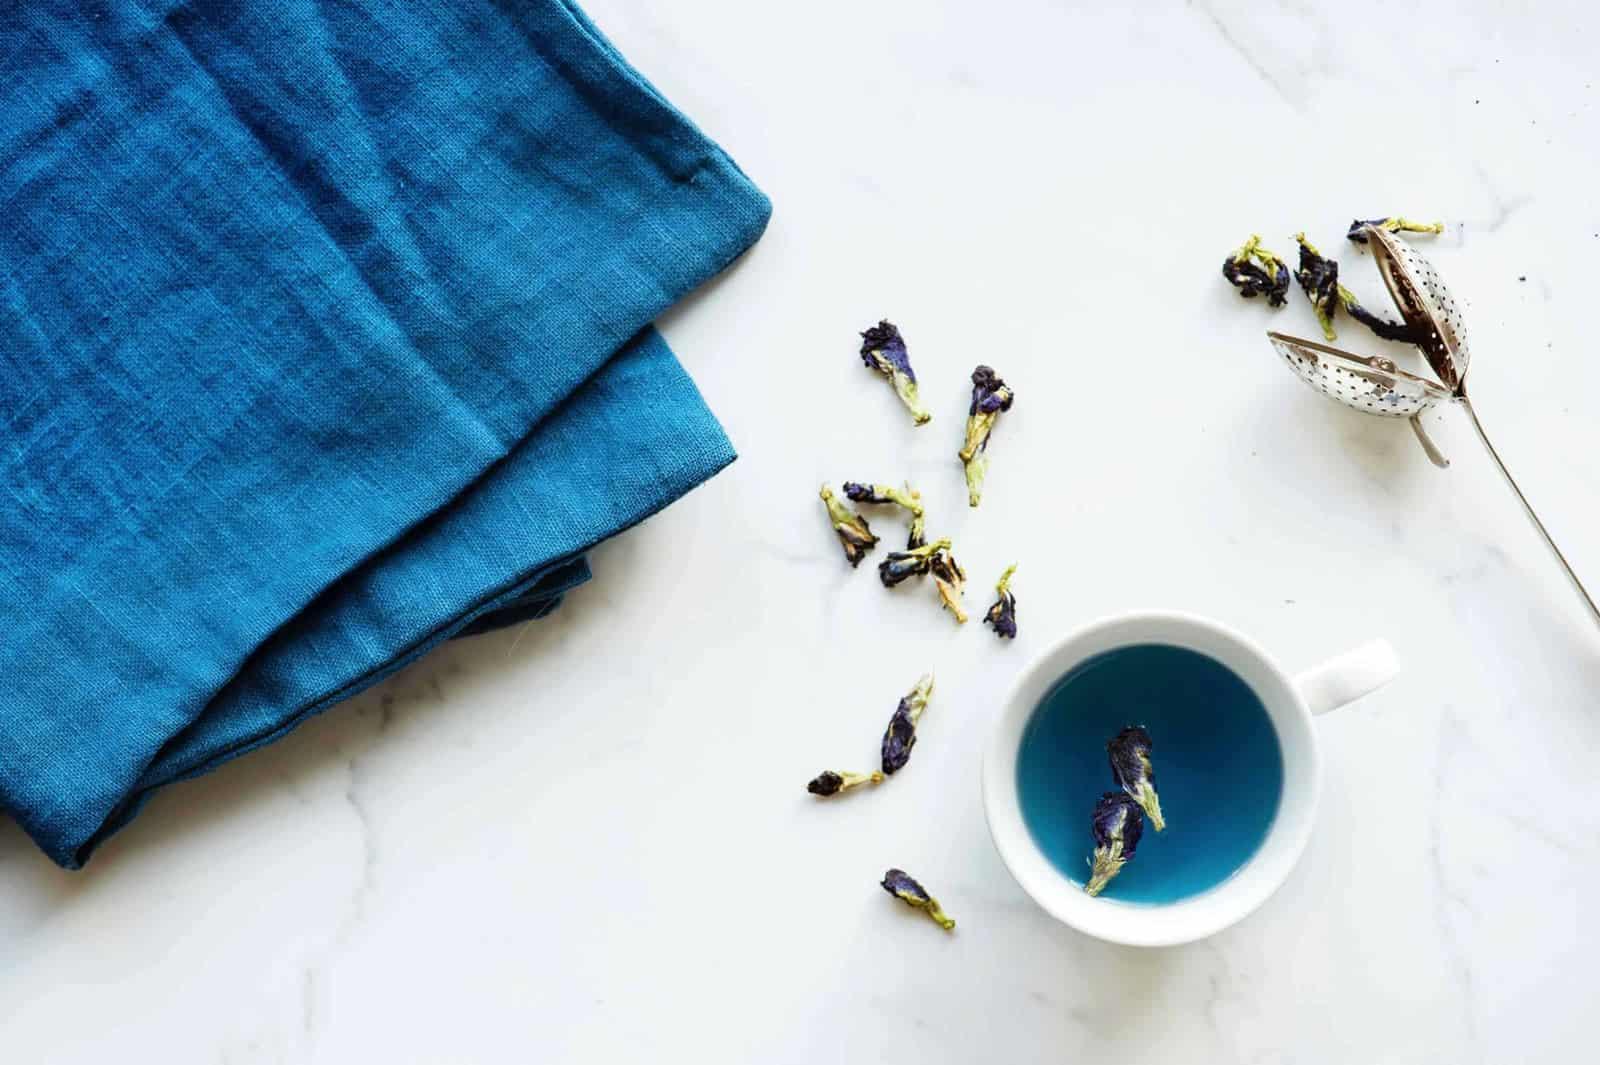 Blauw linnen op een marmeren tafel met thee